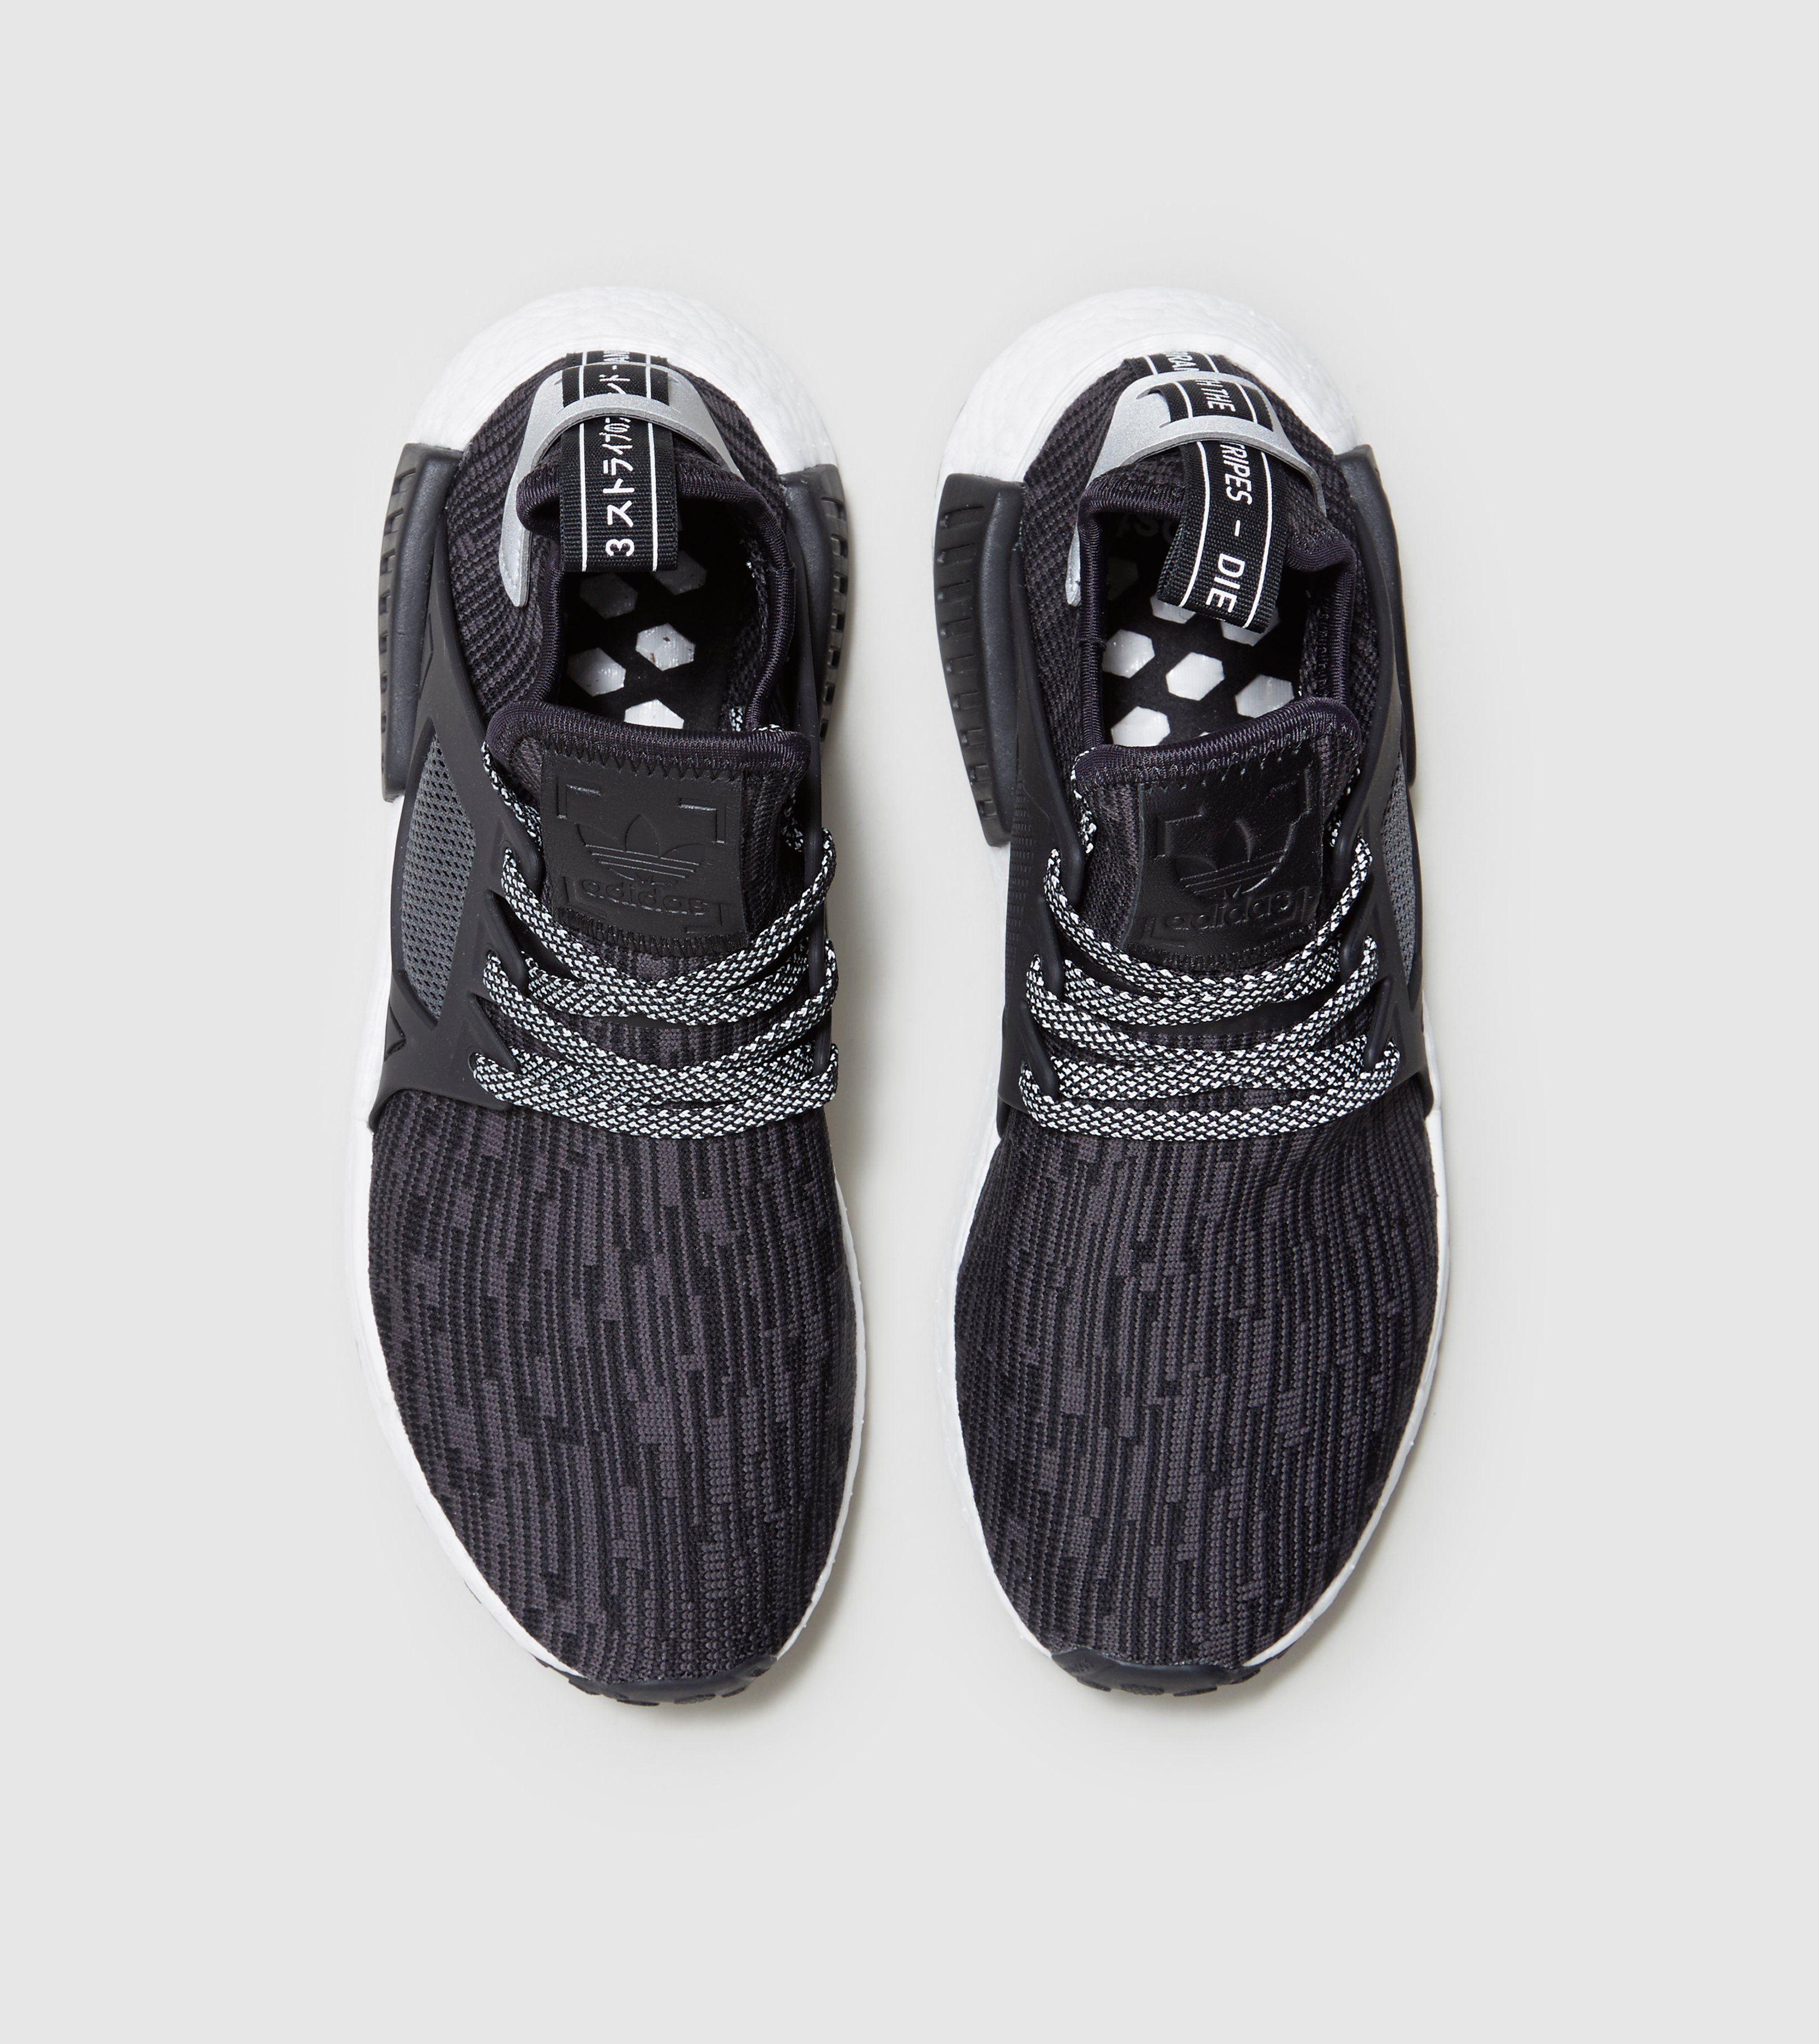 adidas Originals NMD_XR1 Primeknit